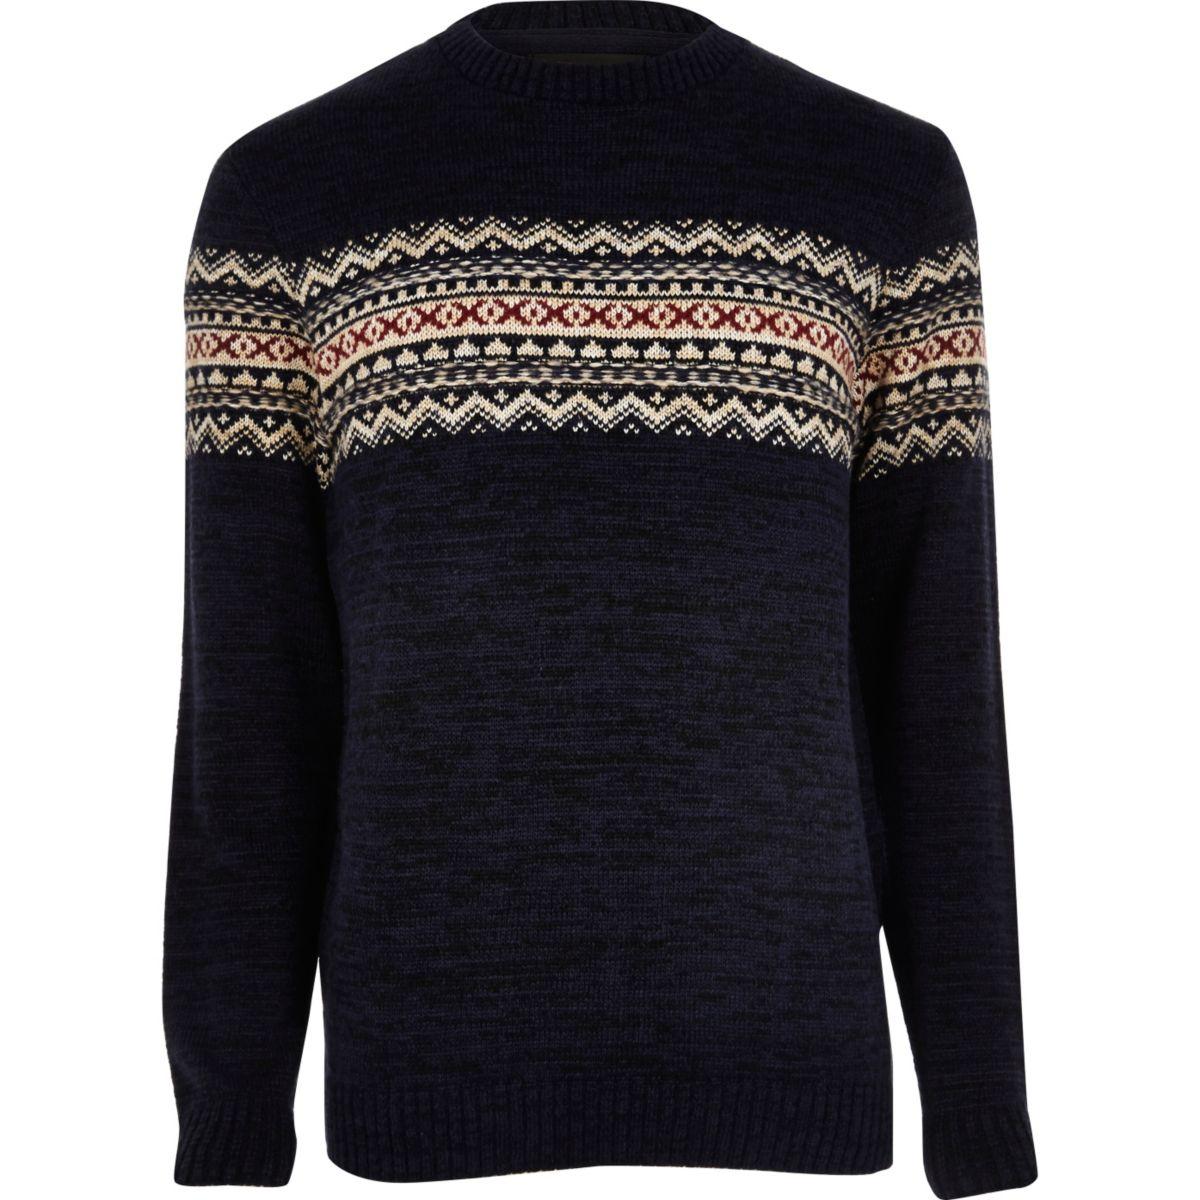 Navy fairisle knit Christmas sweater